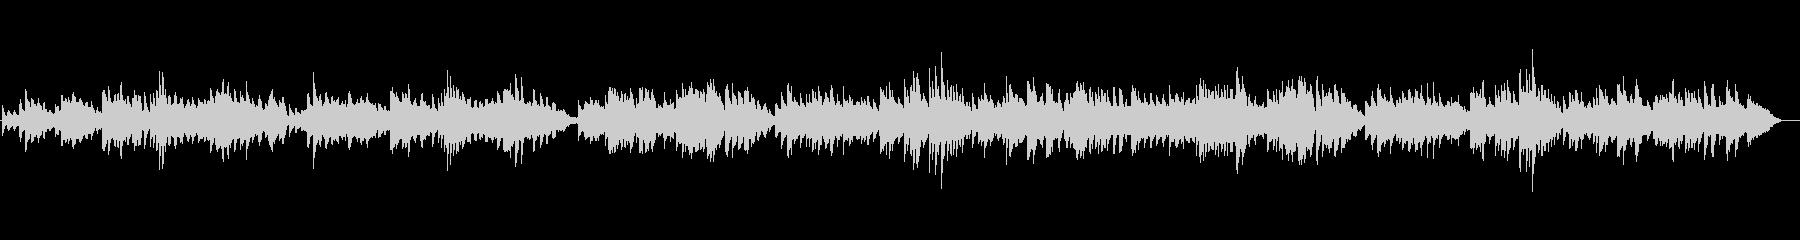 G線上のアリア(生演奏ヴァイオリン)の未再生の波形